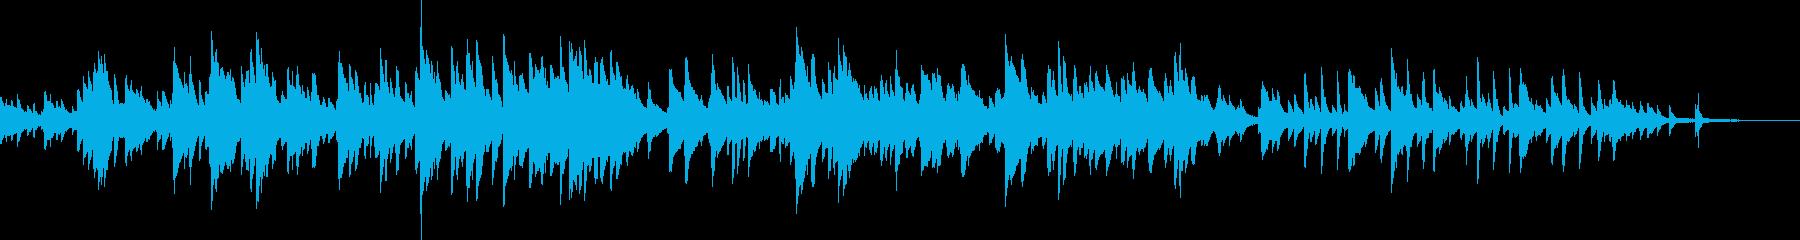 繊細で美しい喜びのピアノBGMの再生済みの波形